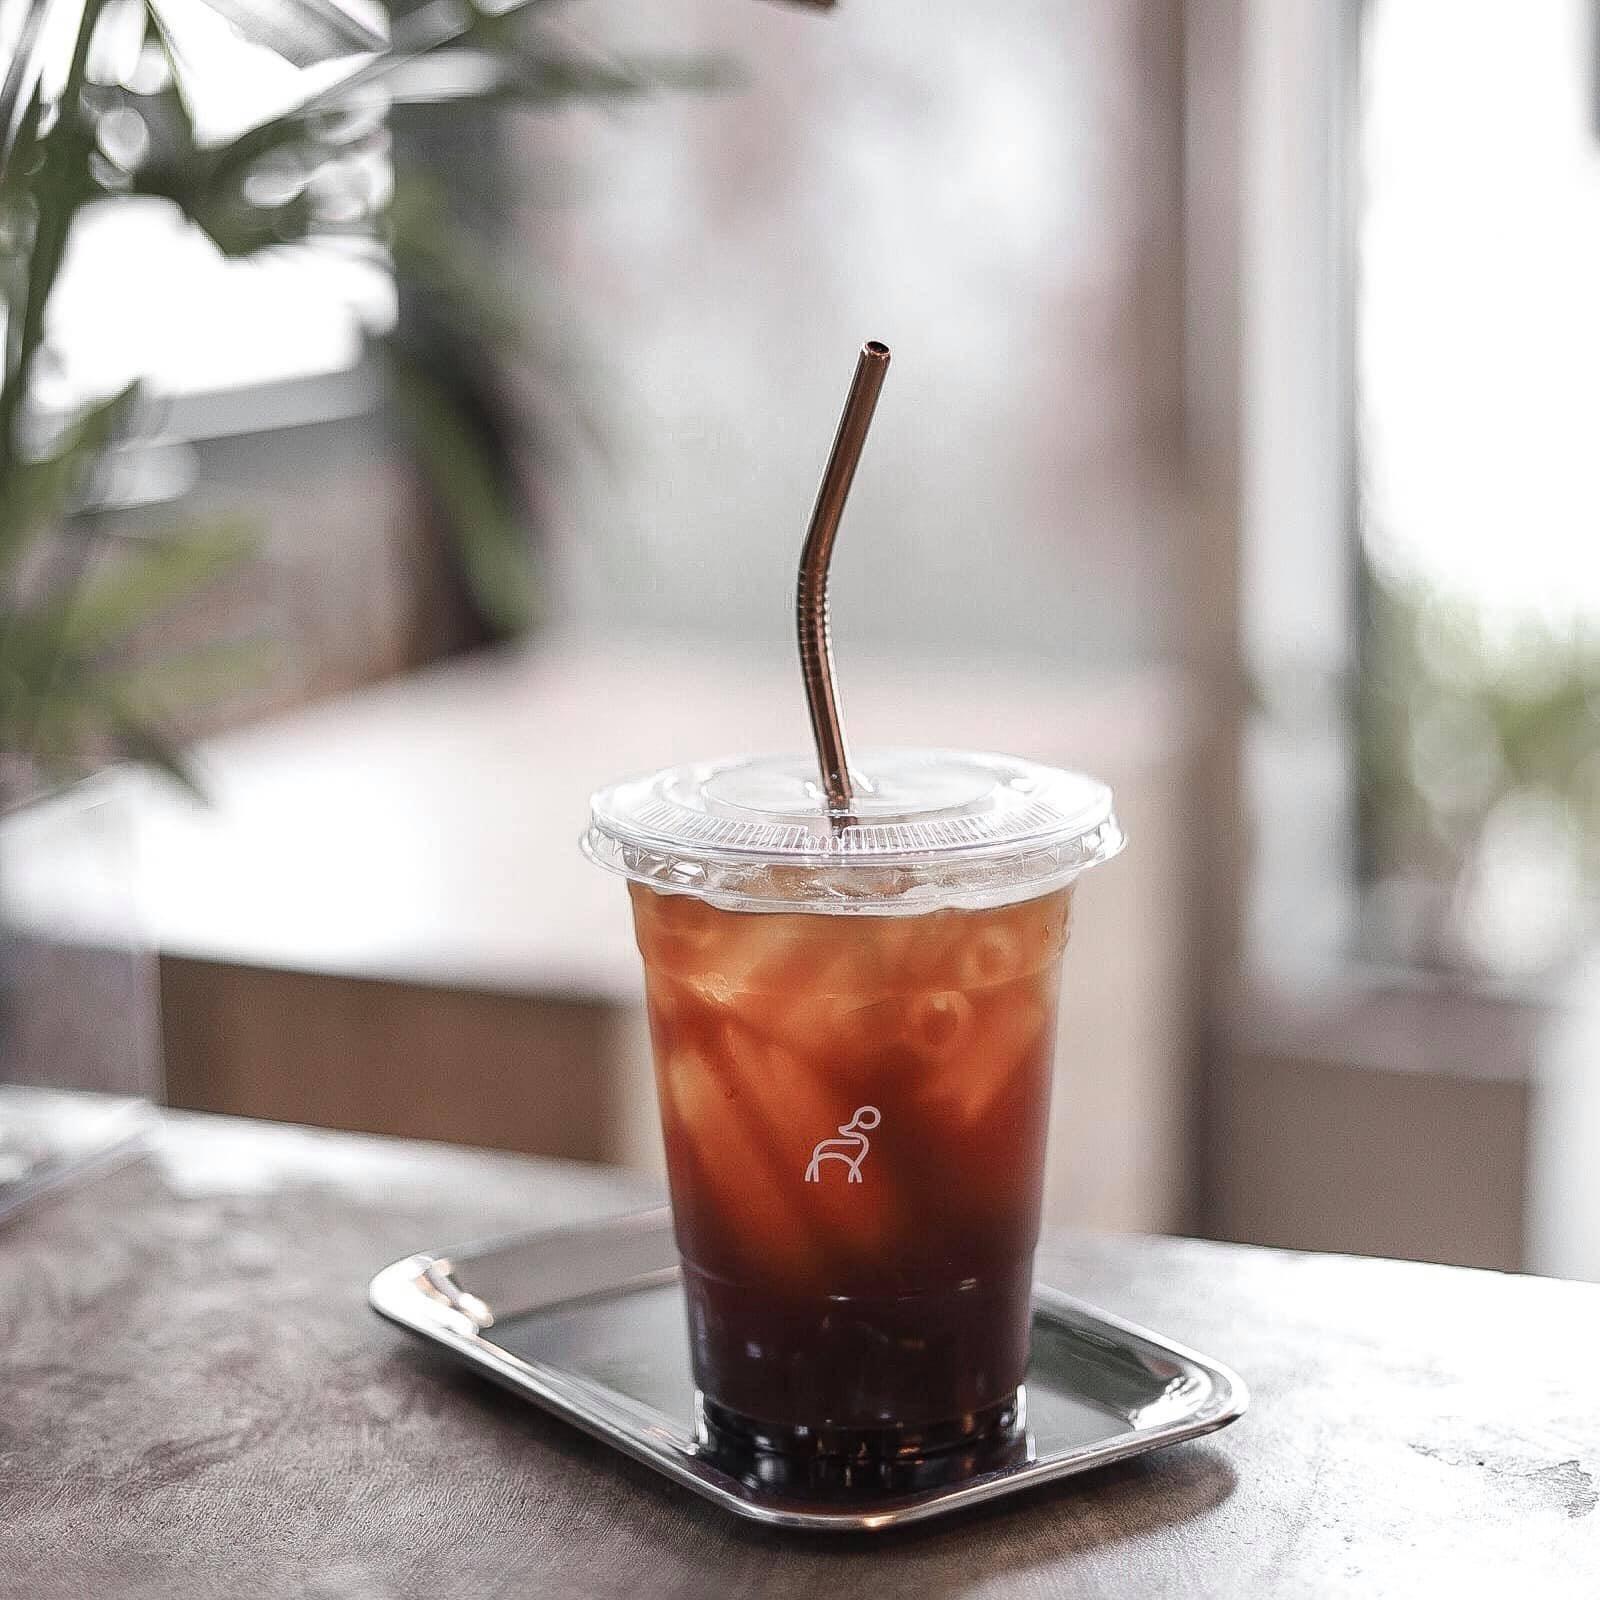 สกรีนแก้วกาแฟ ร้าน DEC